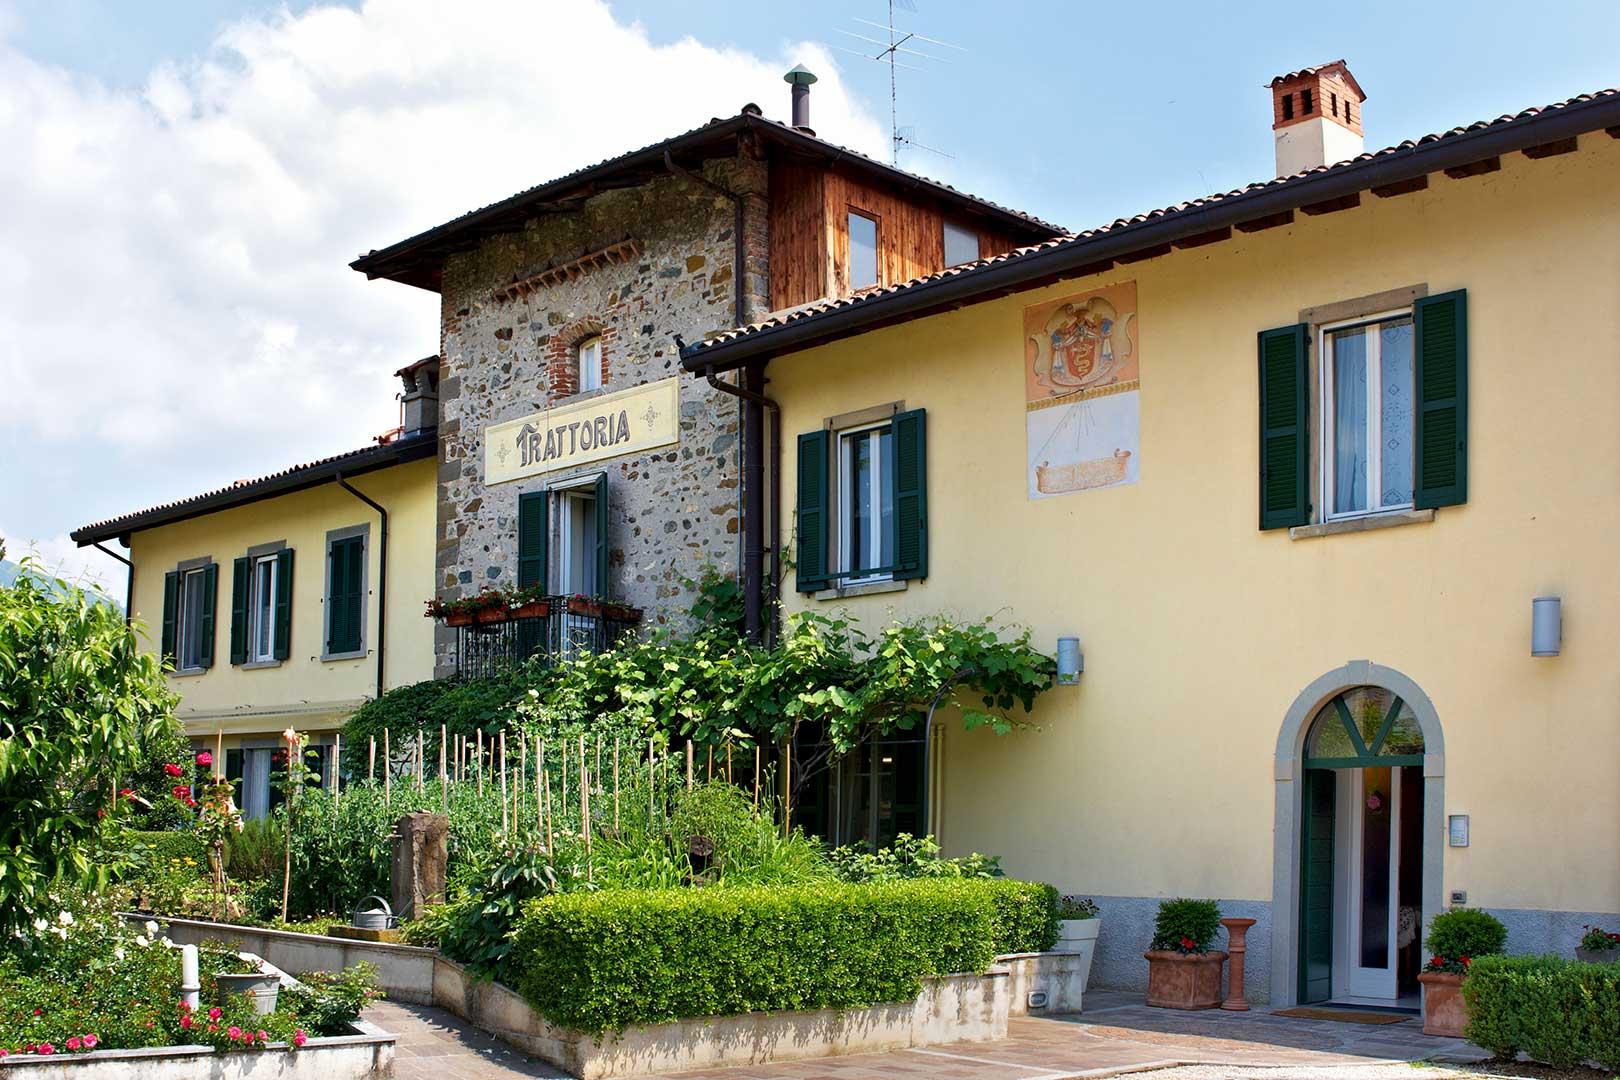 Trattoria Visconti